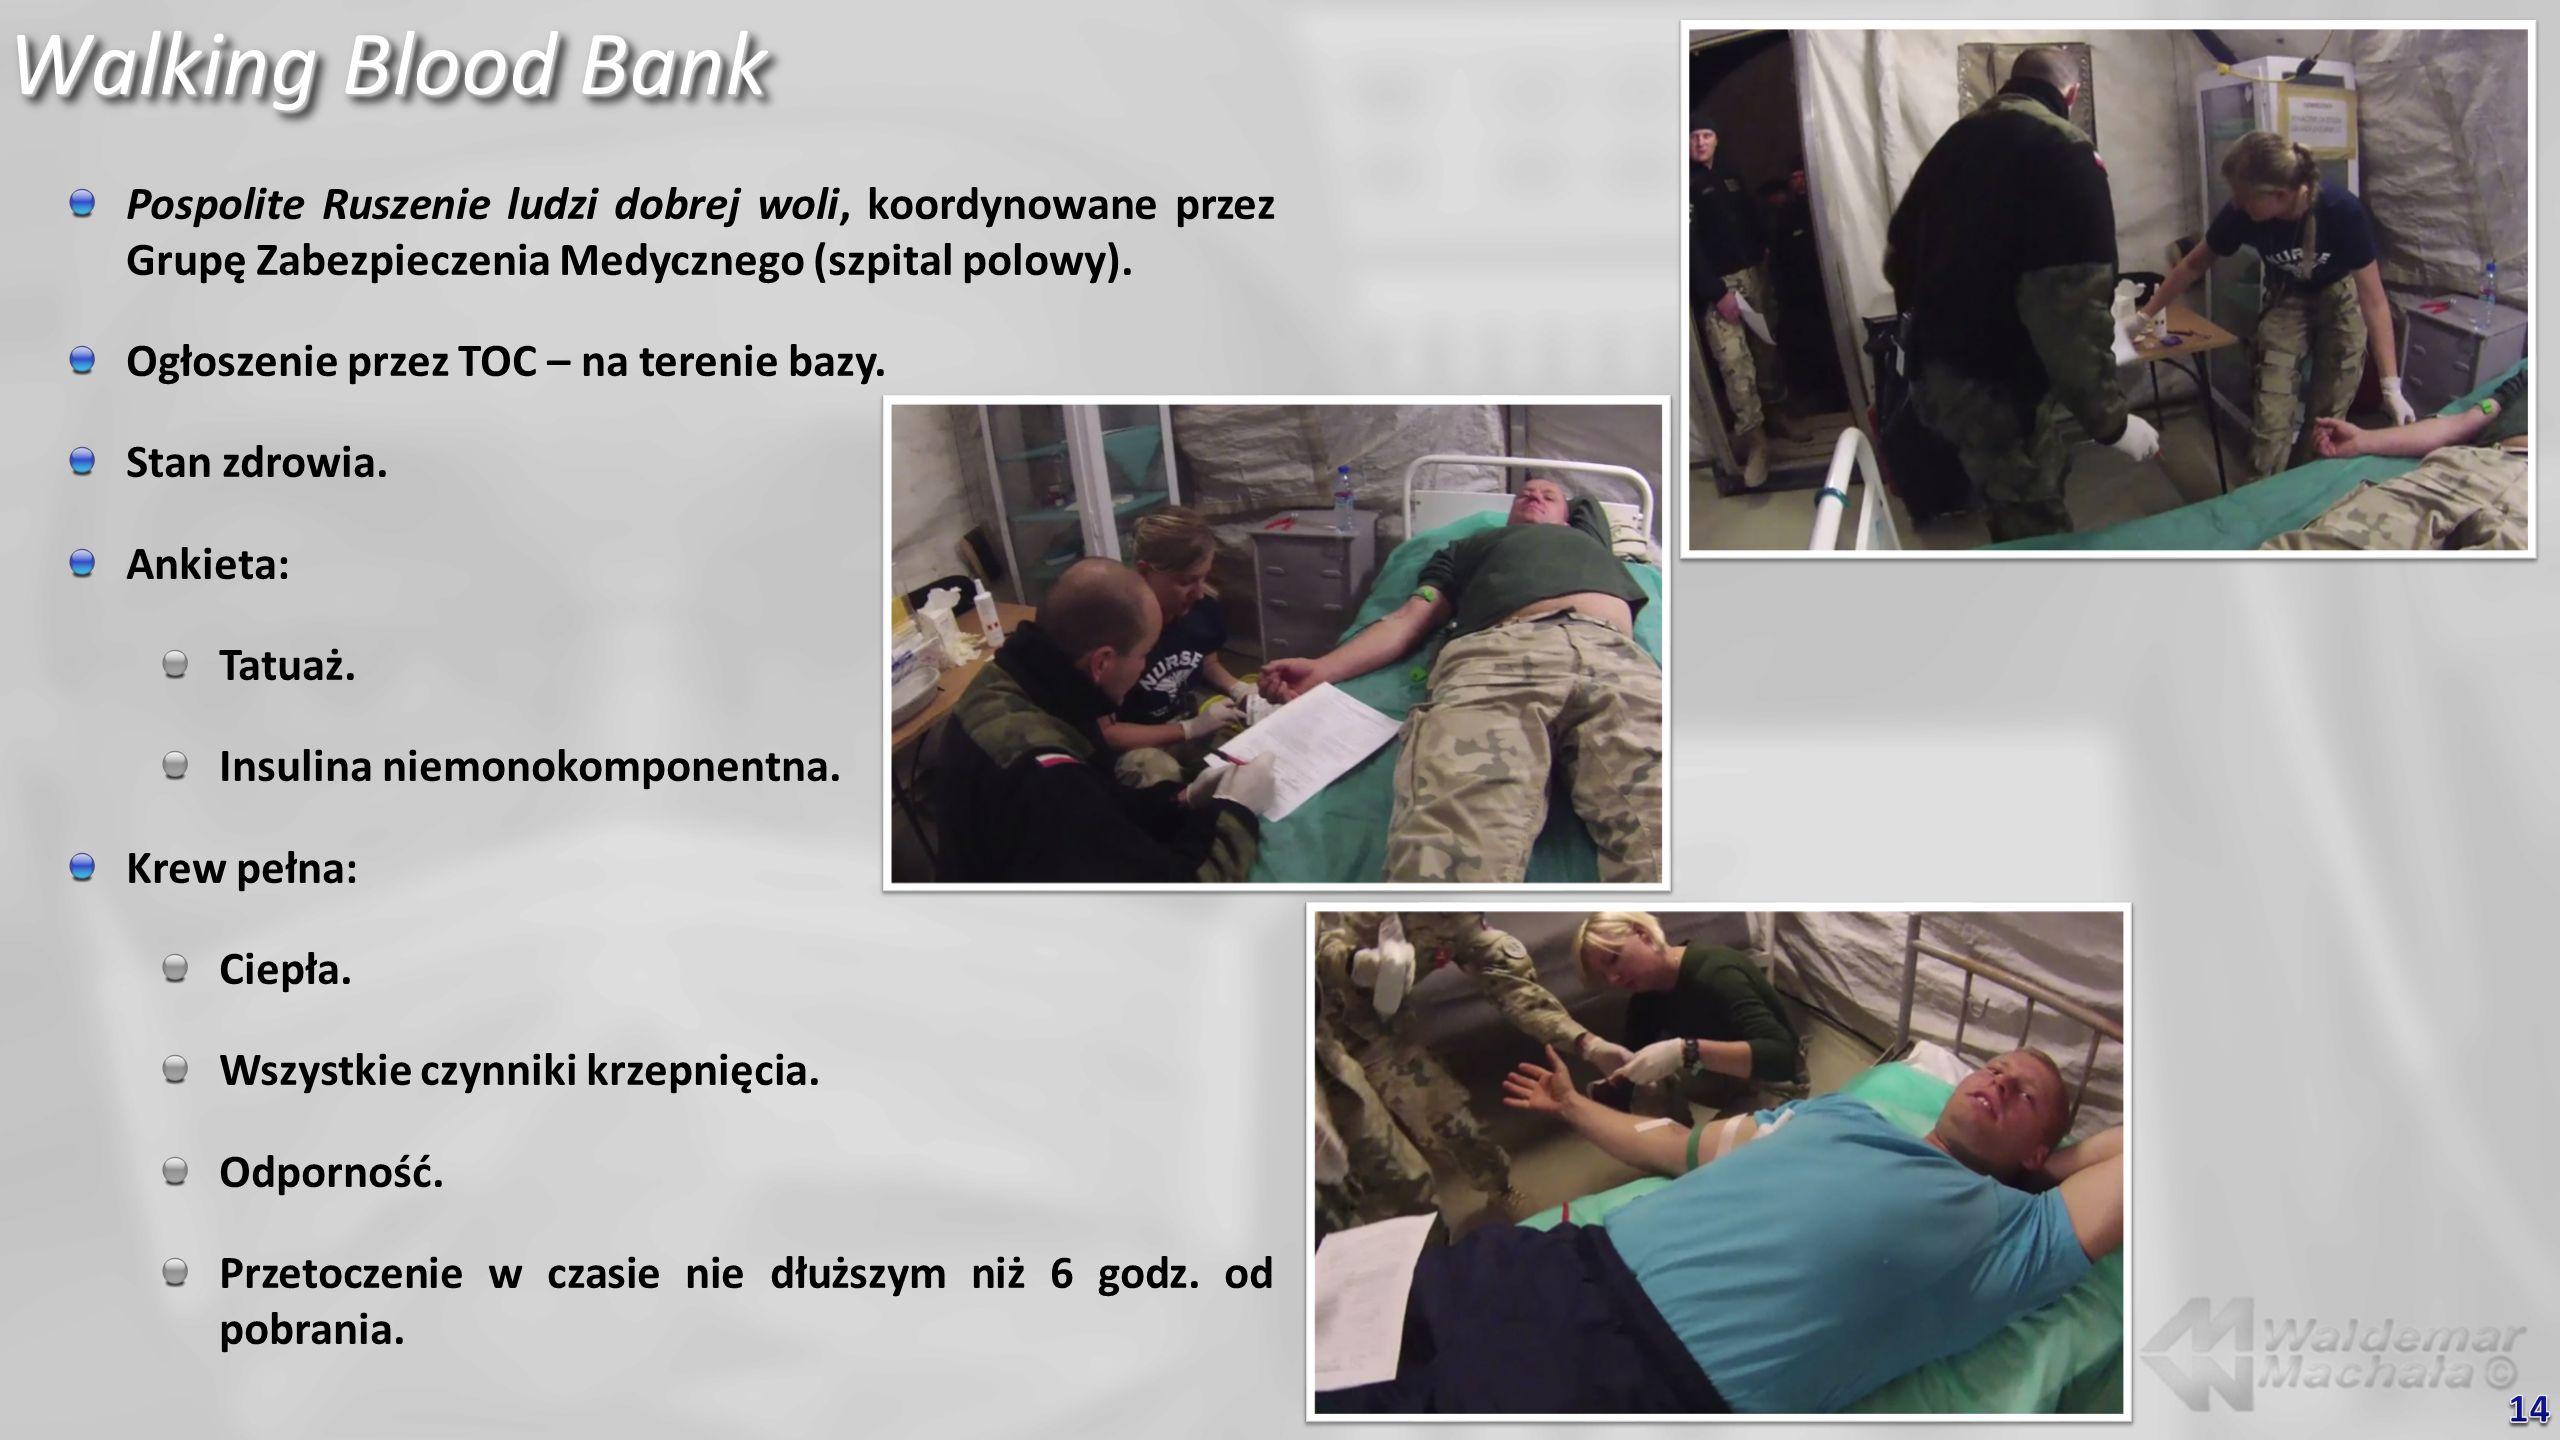 Walking Blood Bank Pospolite Ruszenie ludzi dobrej woli, koordynowane przez Grupę Zabezpieczenia Medycznego (szpital polowy). Ogłoszenie przez TOC – n